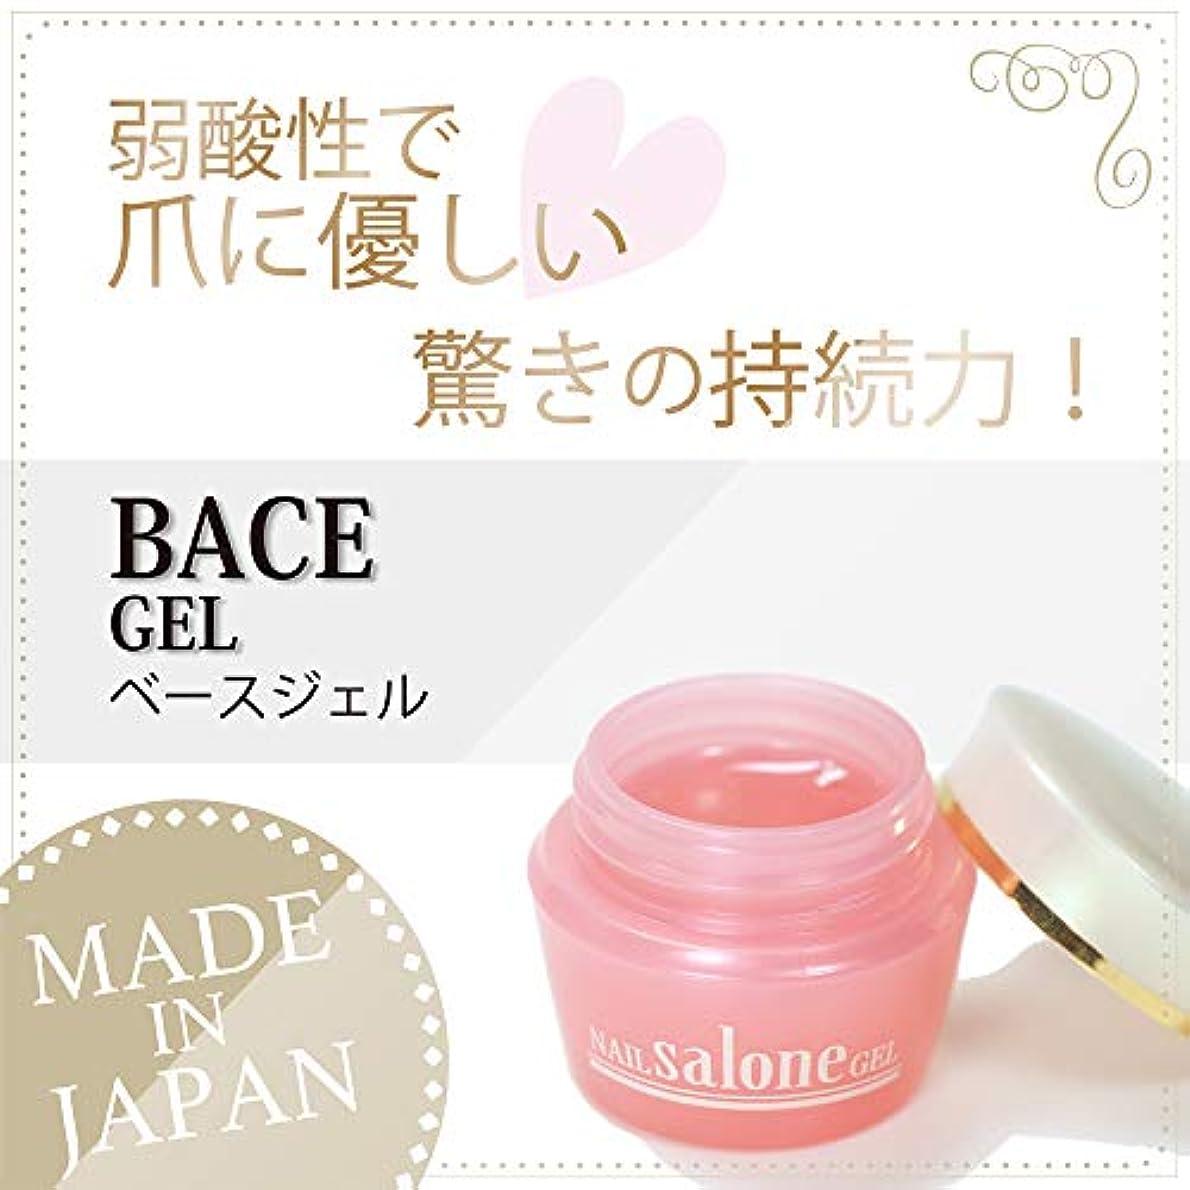 スパークリアル発動機Salone gel サローネ ベースジェル 爪に優しい 日本製 驚きの密着力 リムーバーでオフも簡単3g